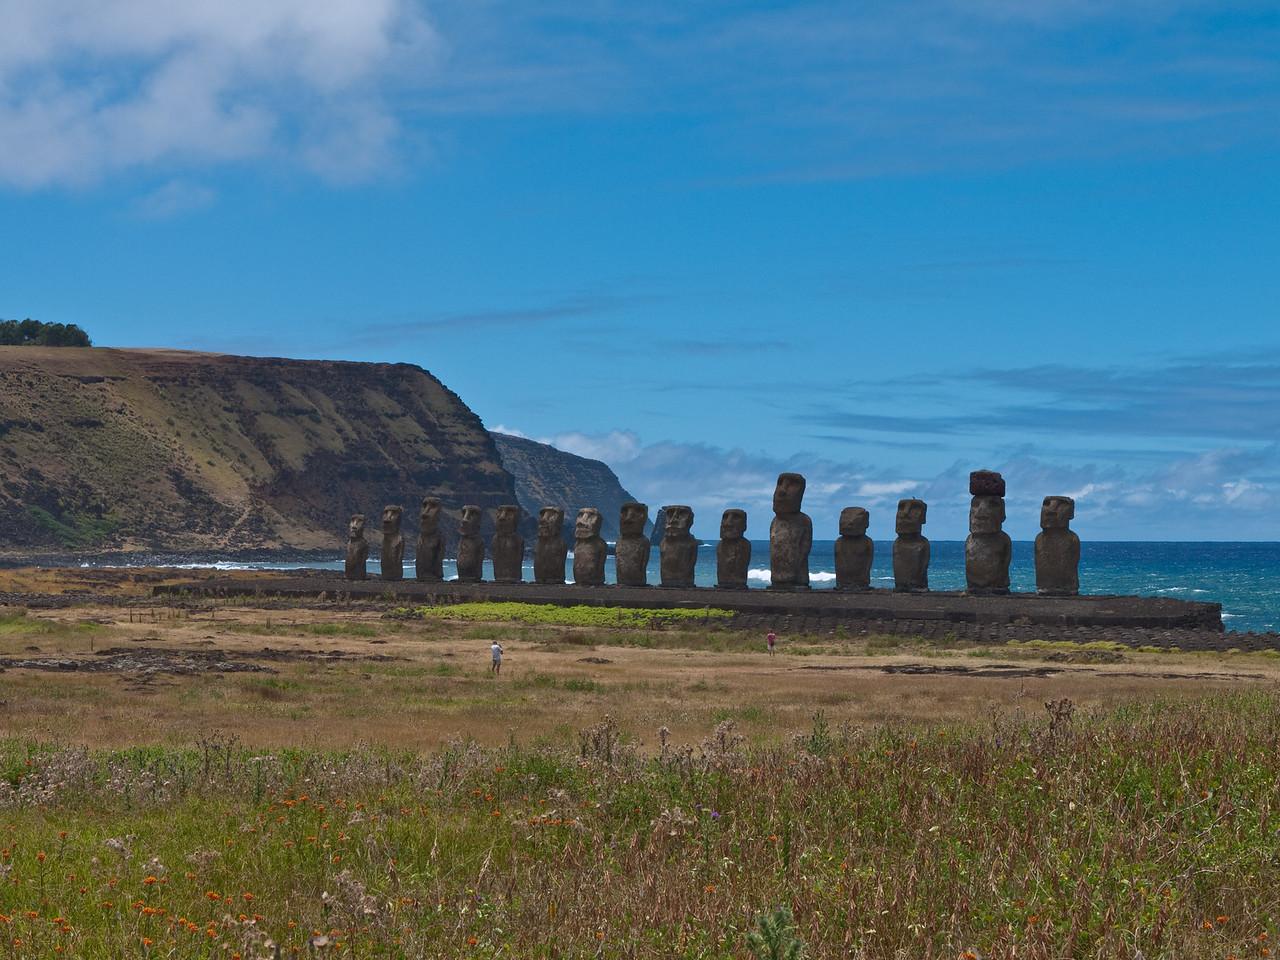 Moai by the ocean at Ahu Tongariki